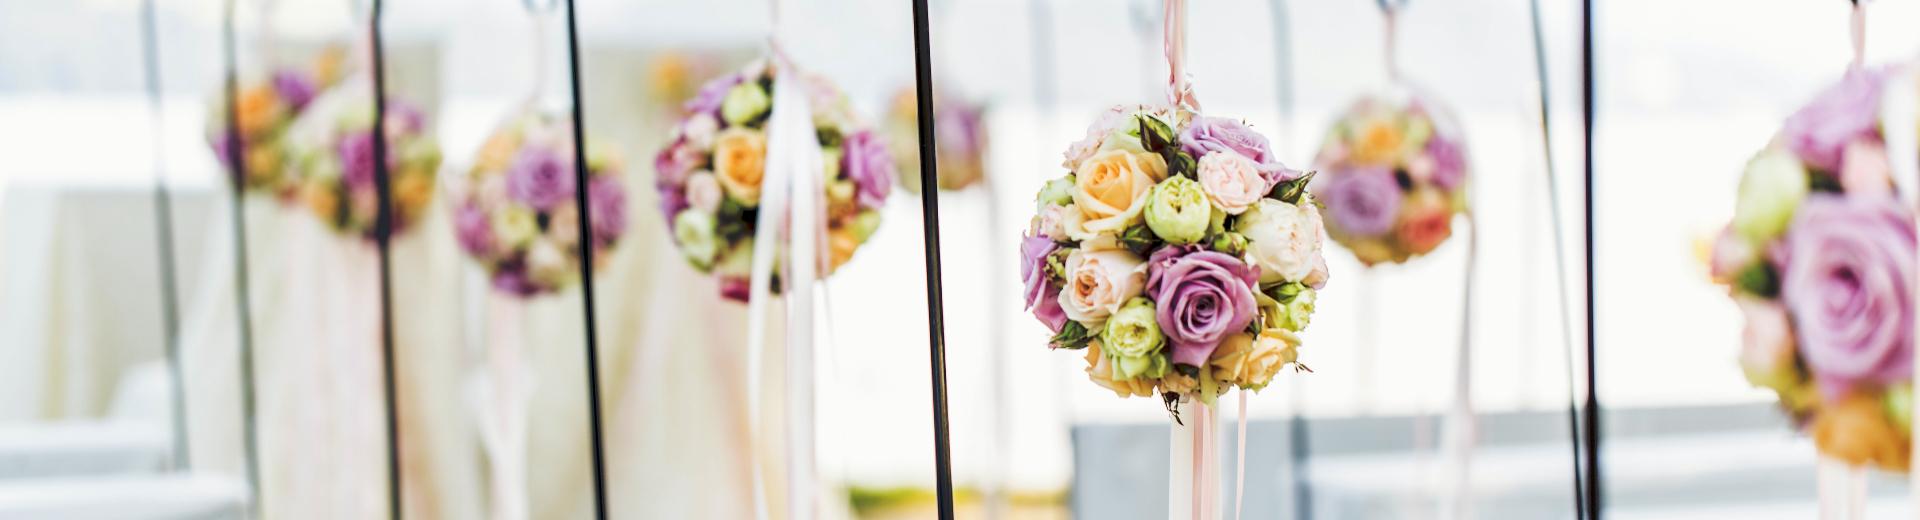 Hochzeitszeremonie im Schloss-Park im Swiss-Chalet Merlischachen mit Blumenkugeln-Dekoration